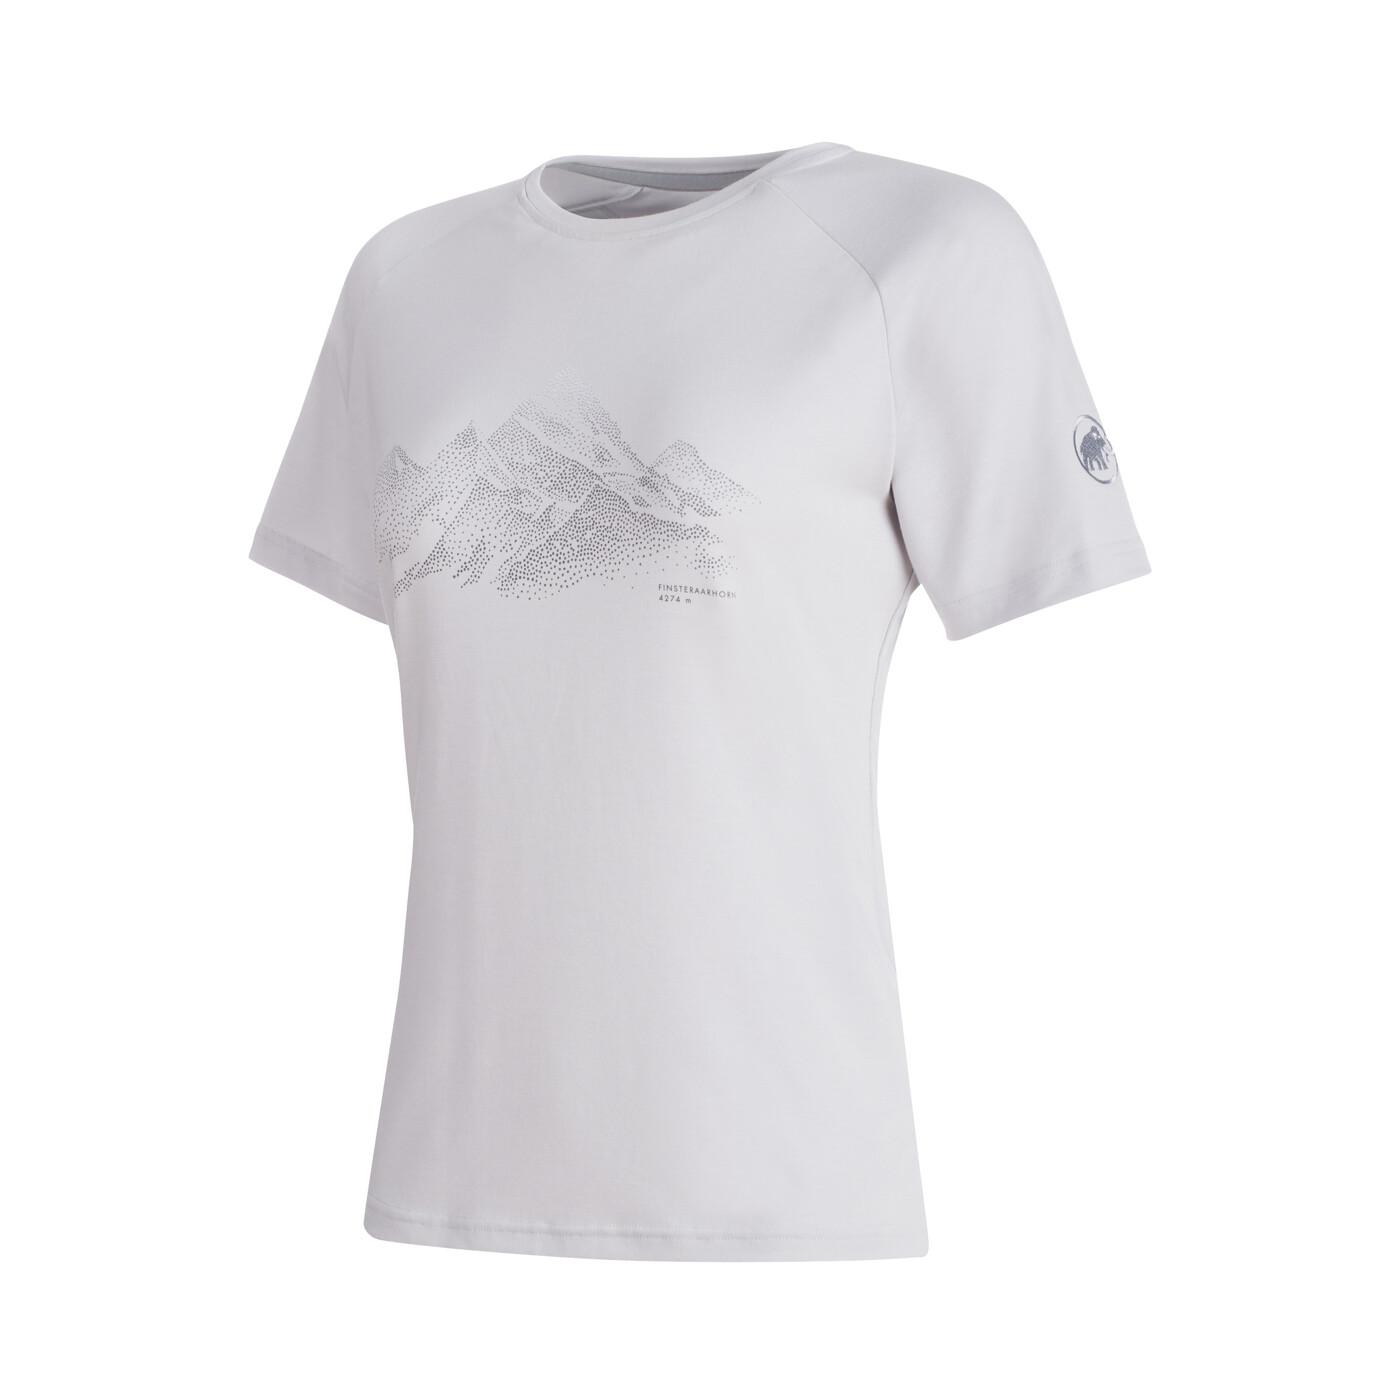 MAMMUT Mountain T-Shirt - Damen